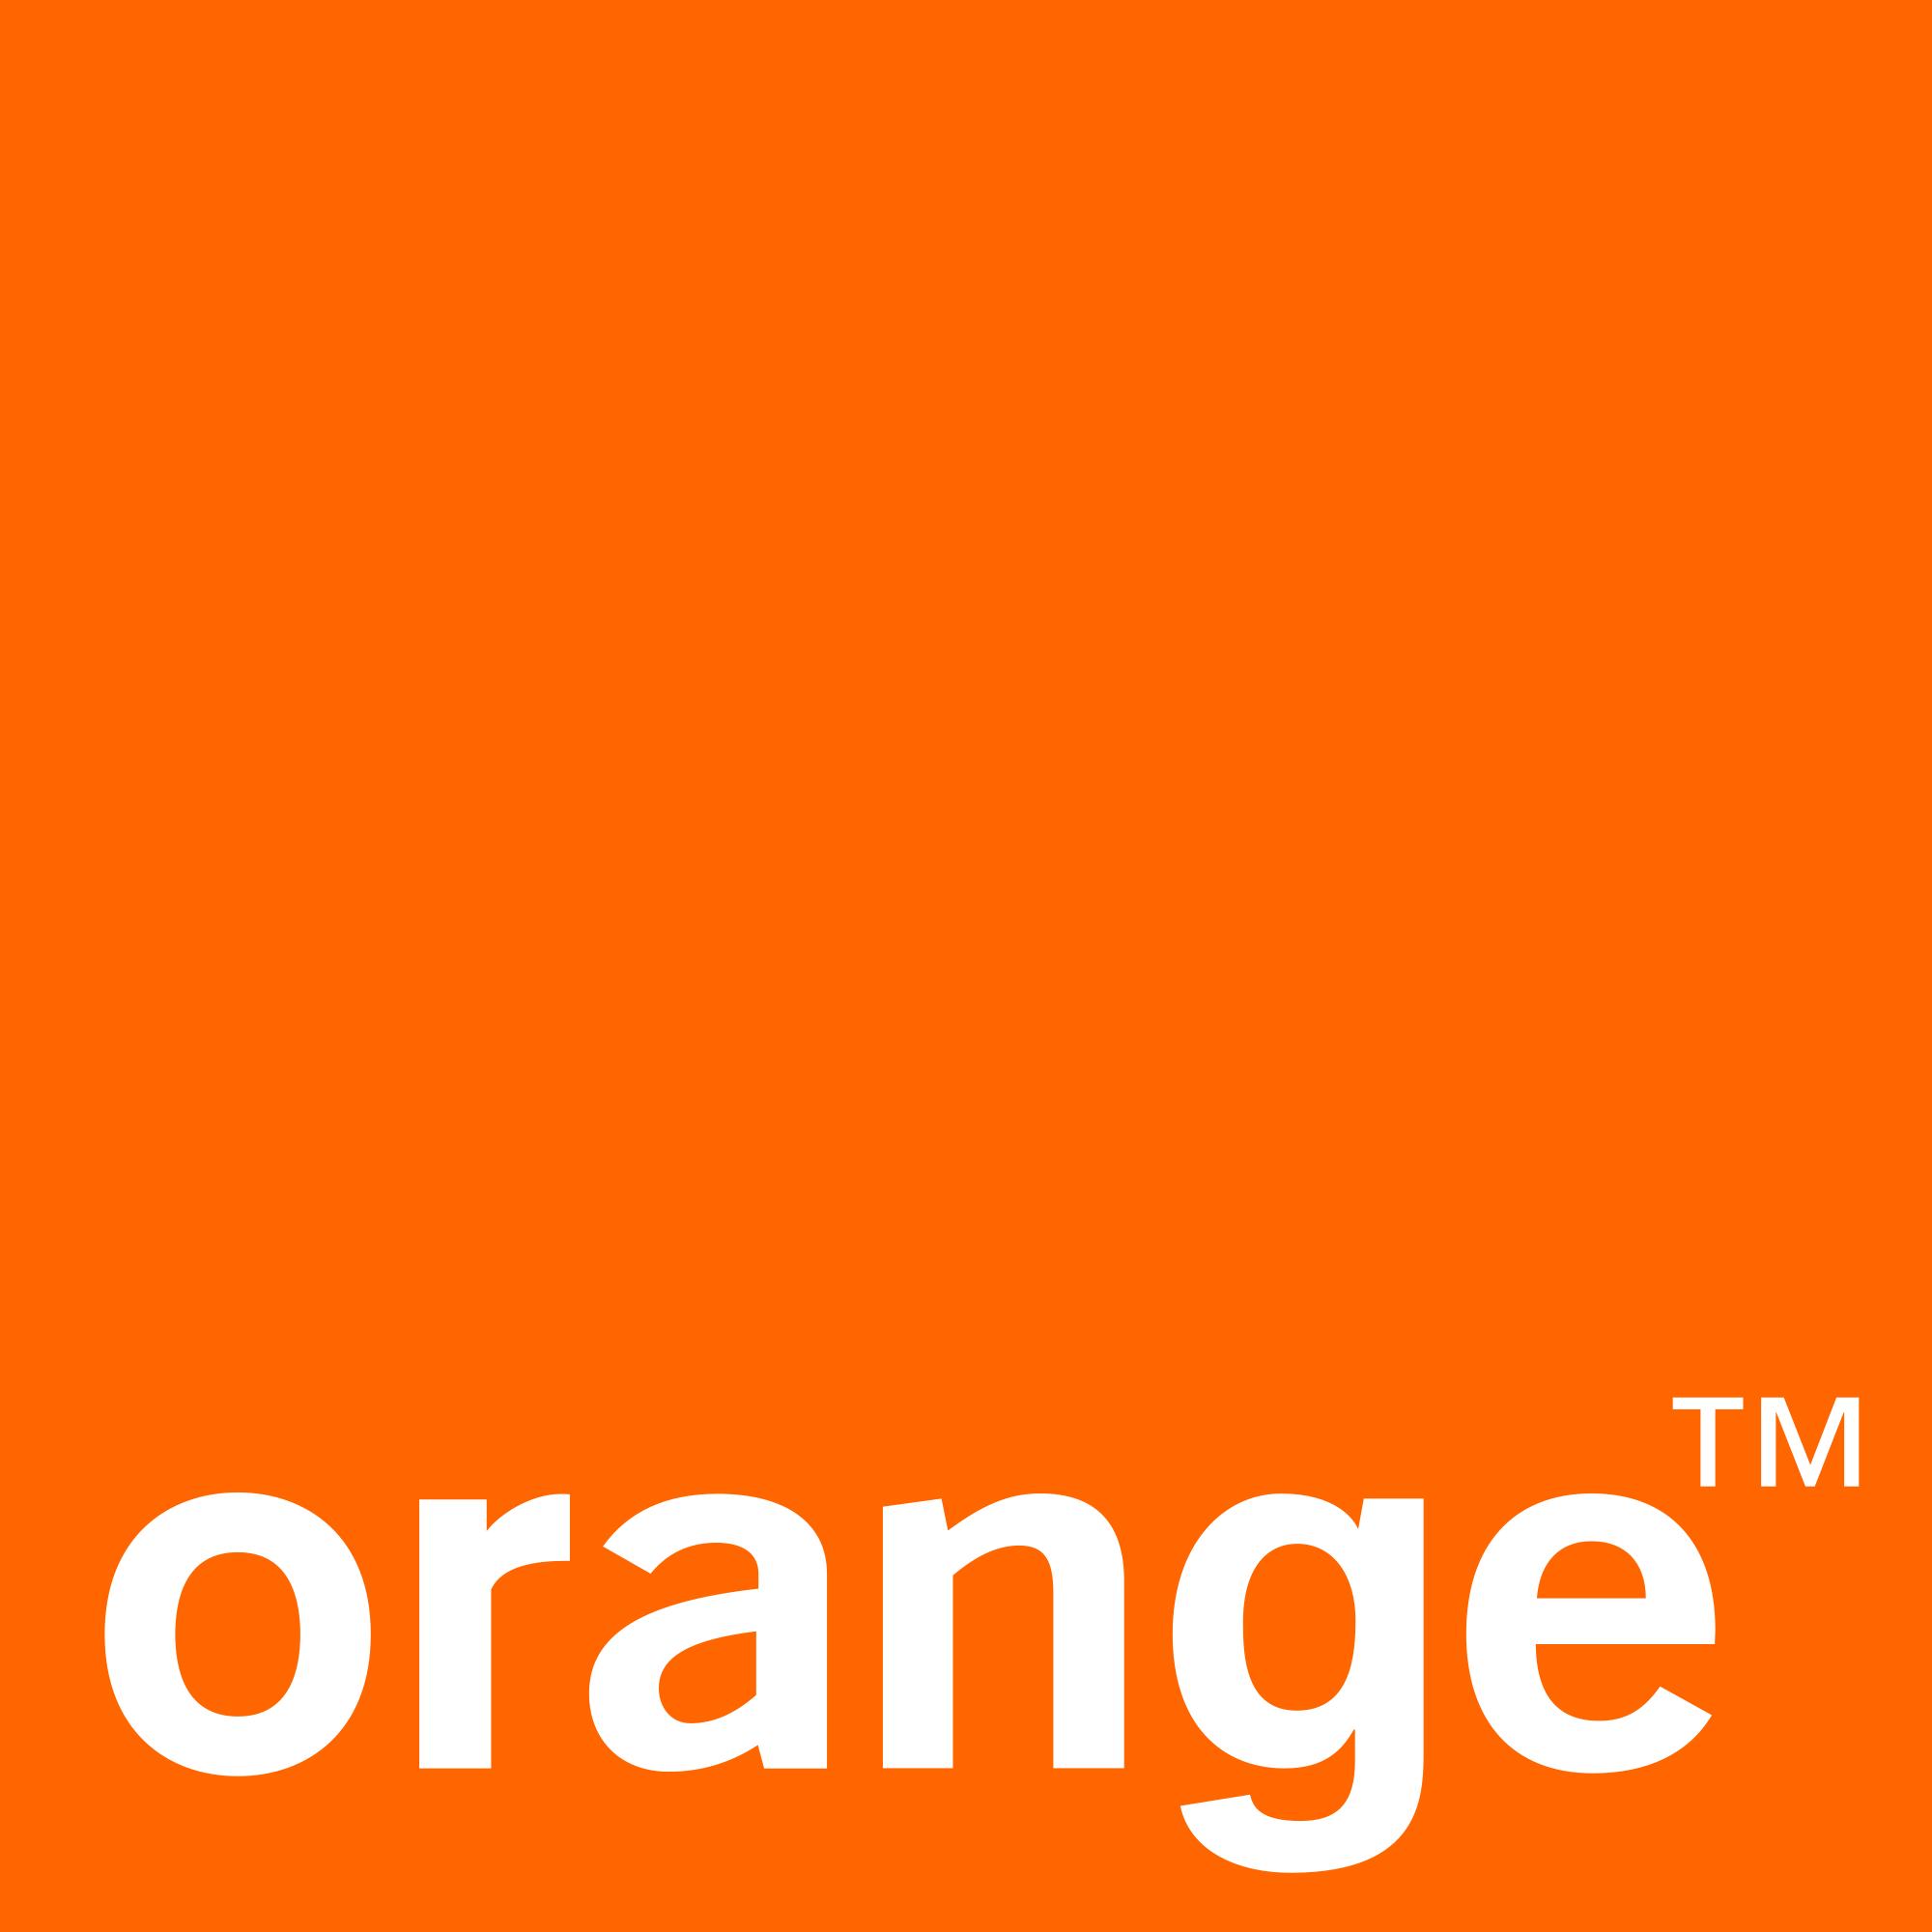 1GB na 1 tydzień za darmo w Orange